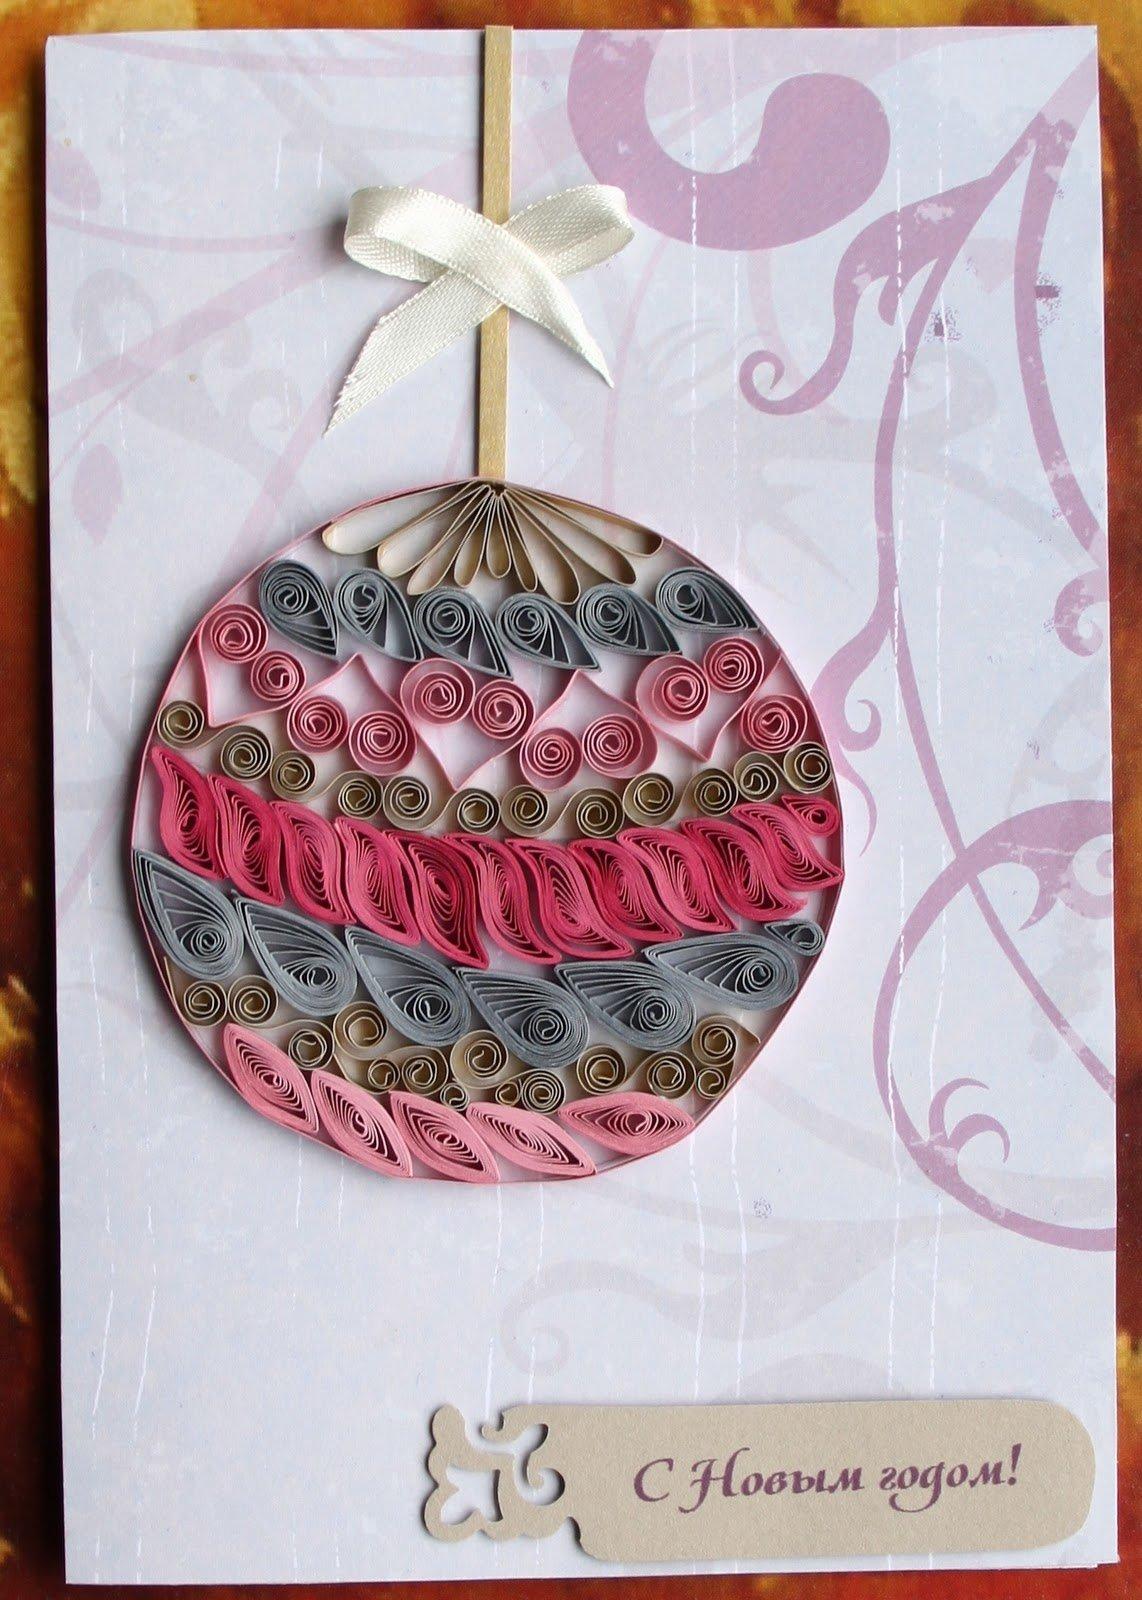 Садик, елочный шар квиллинг для открытки